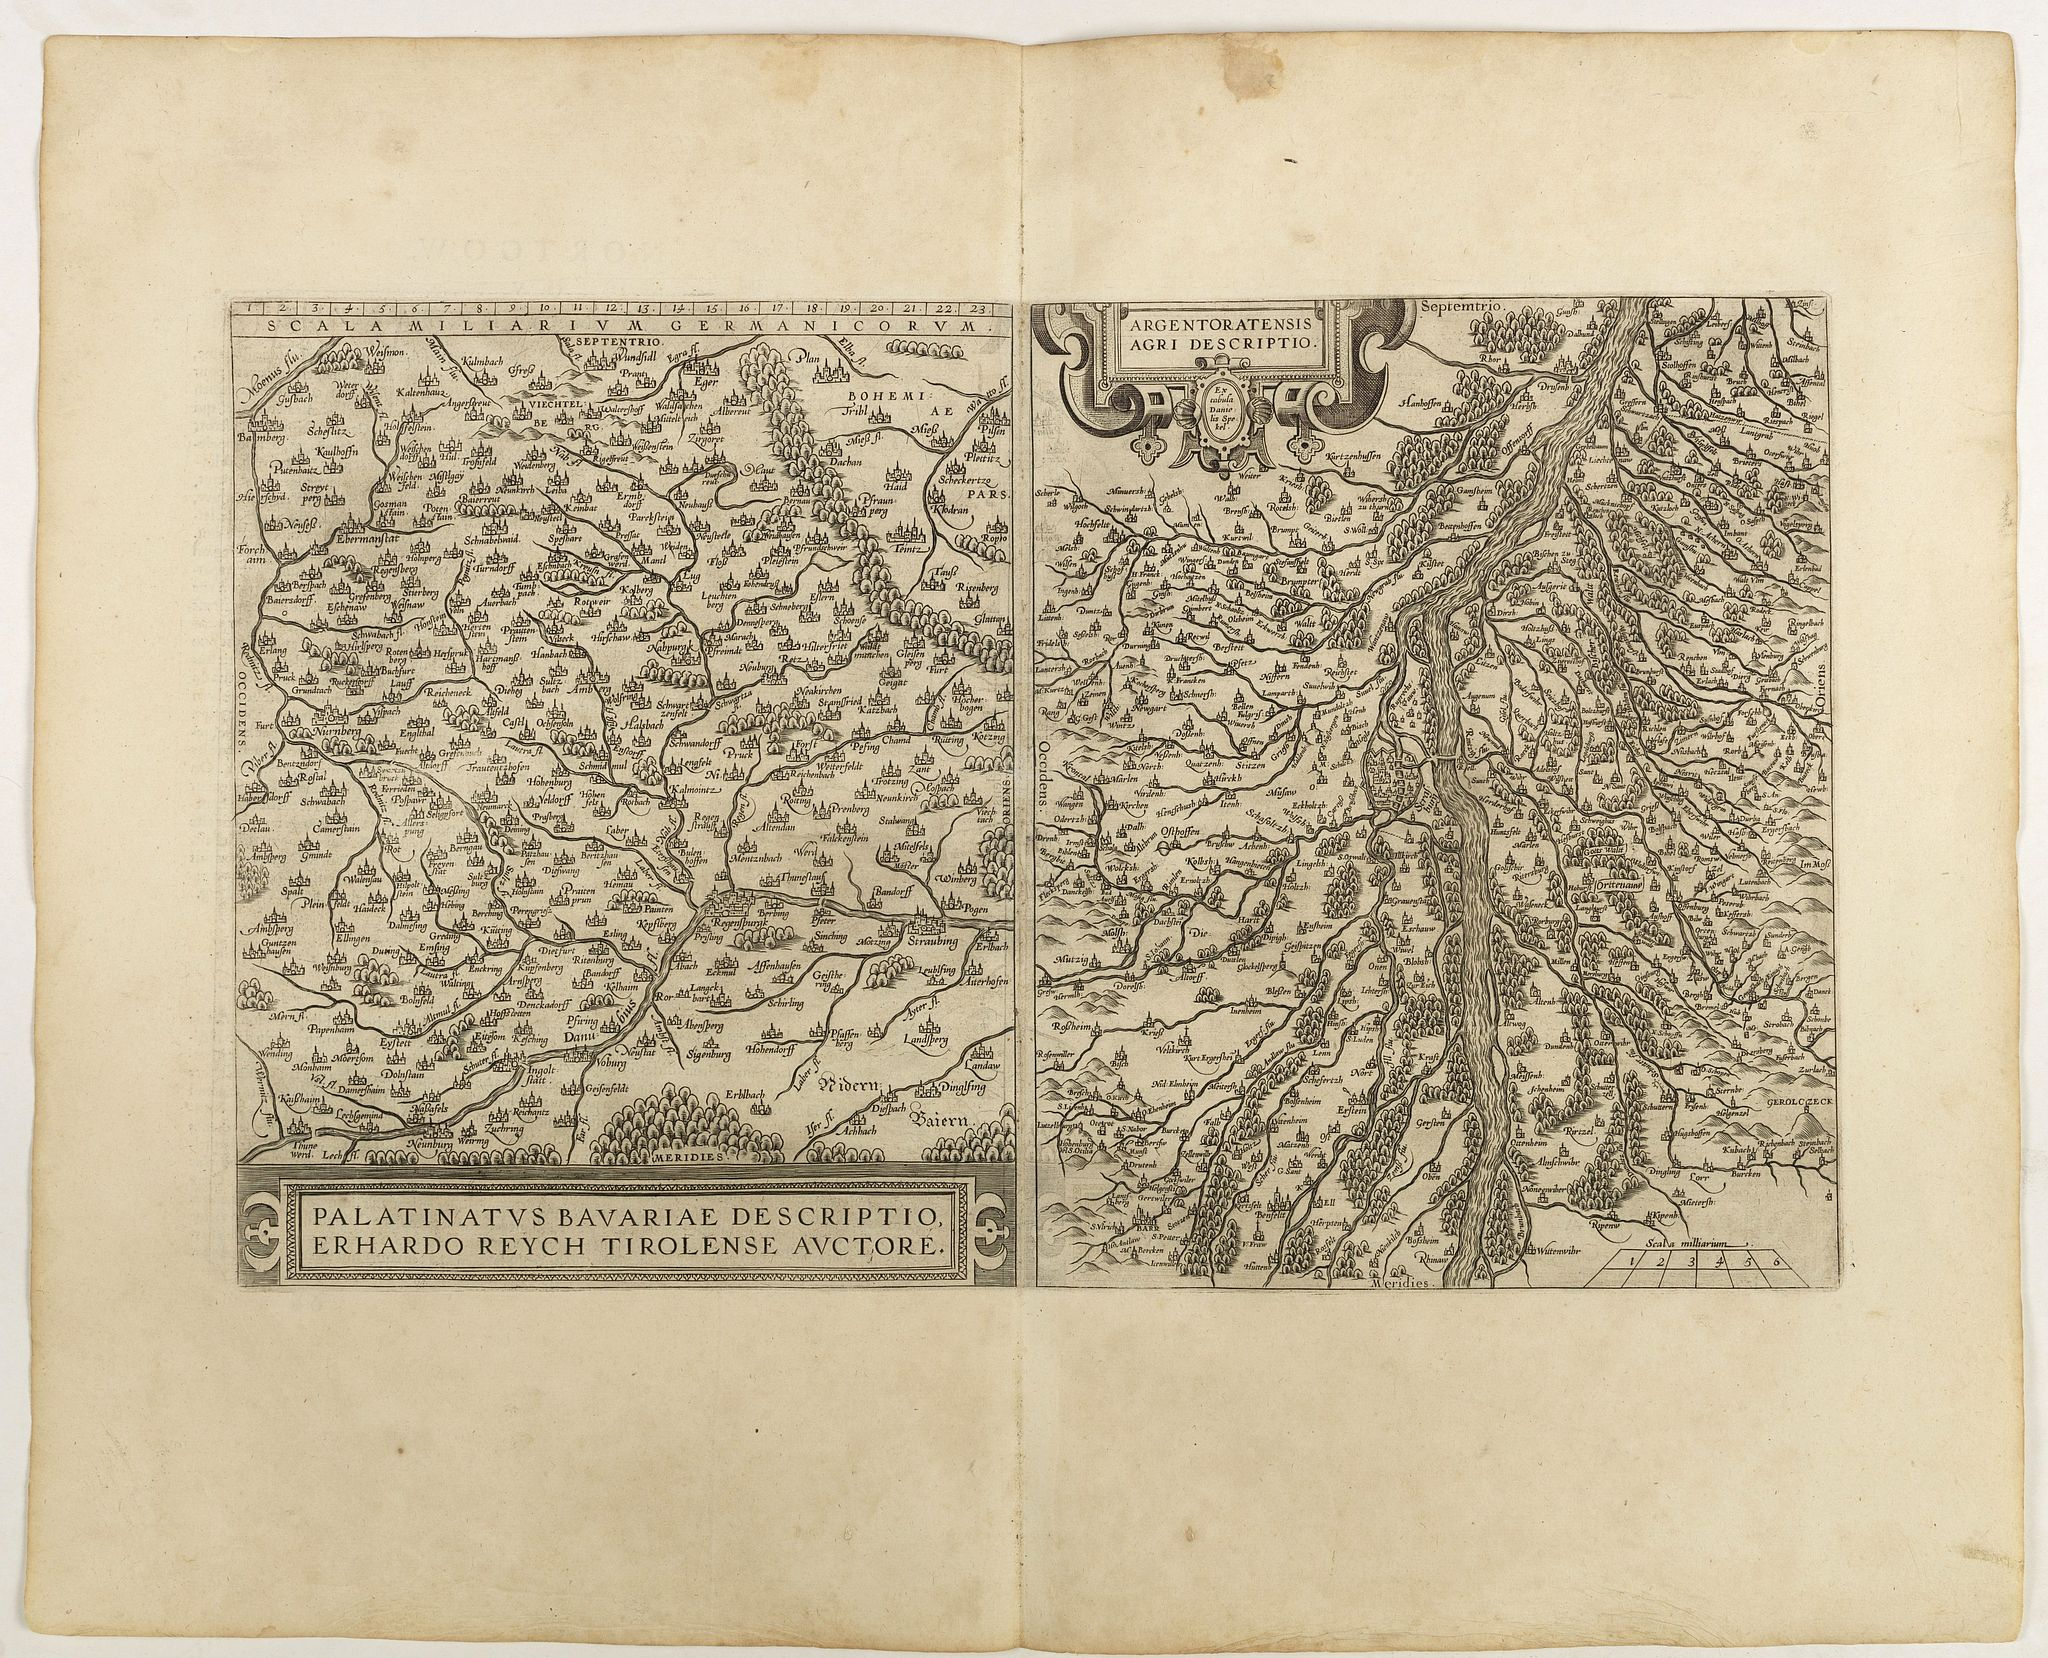 ORTELIUS, A. -  Palatinatvs Bavariae . . . / Argentoratensis agri . . .